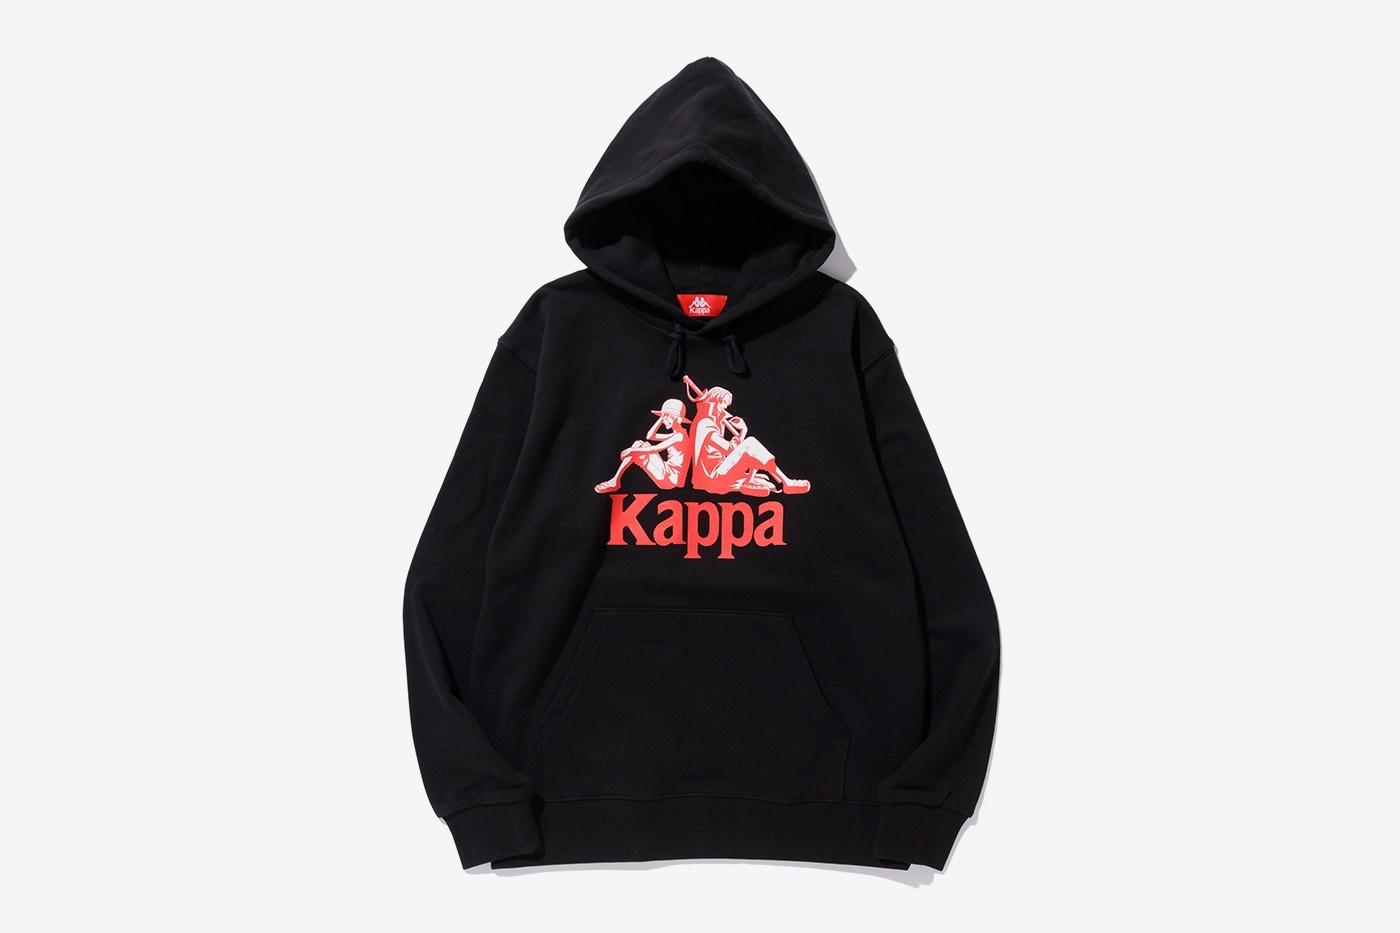 One Piece x Kappa